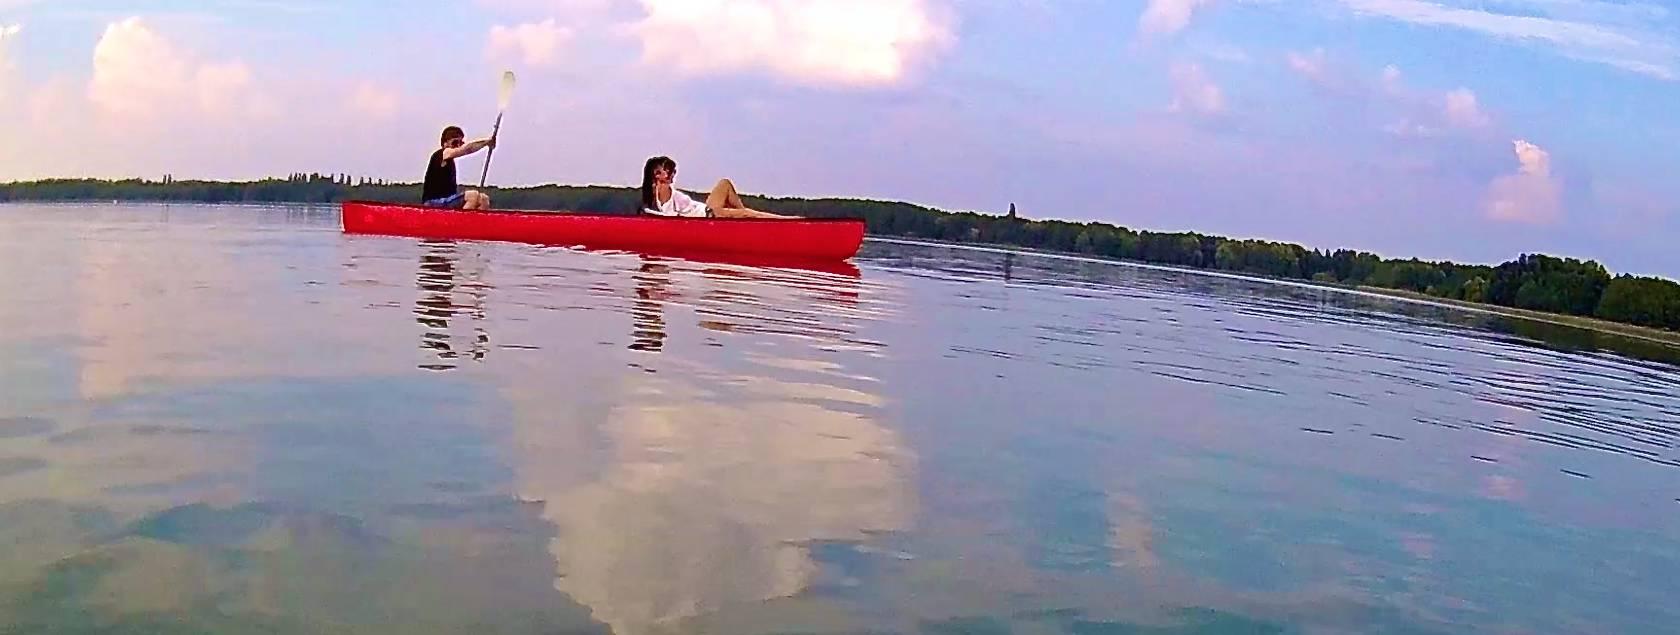 Bild von Kanuverleih am Motzener See